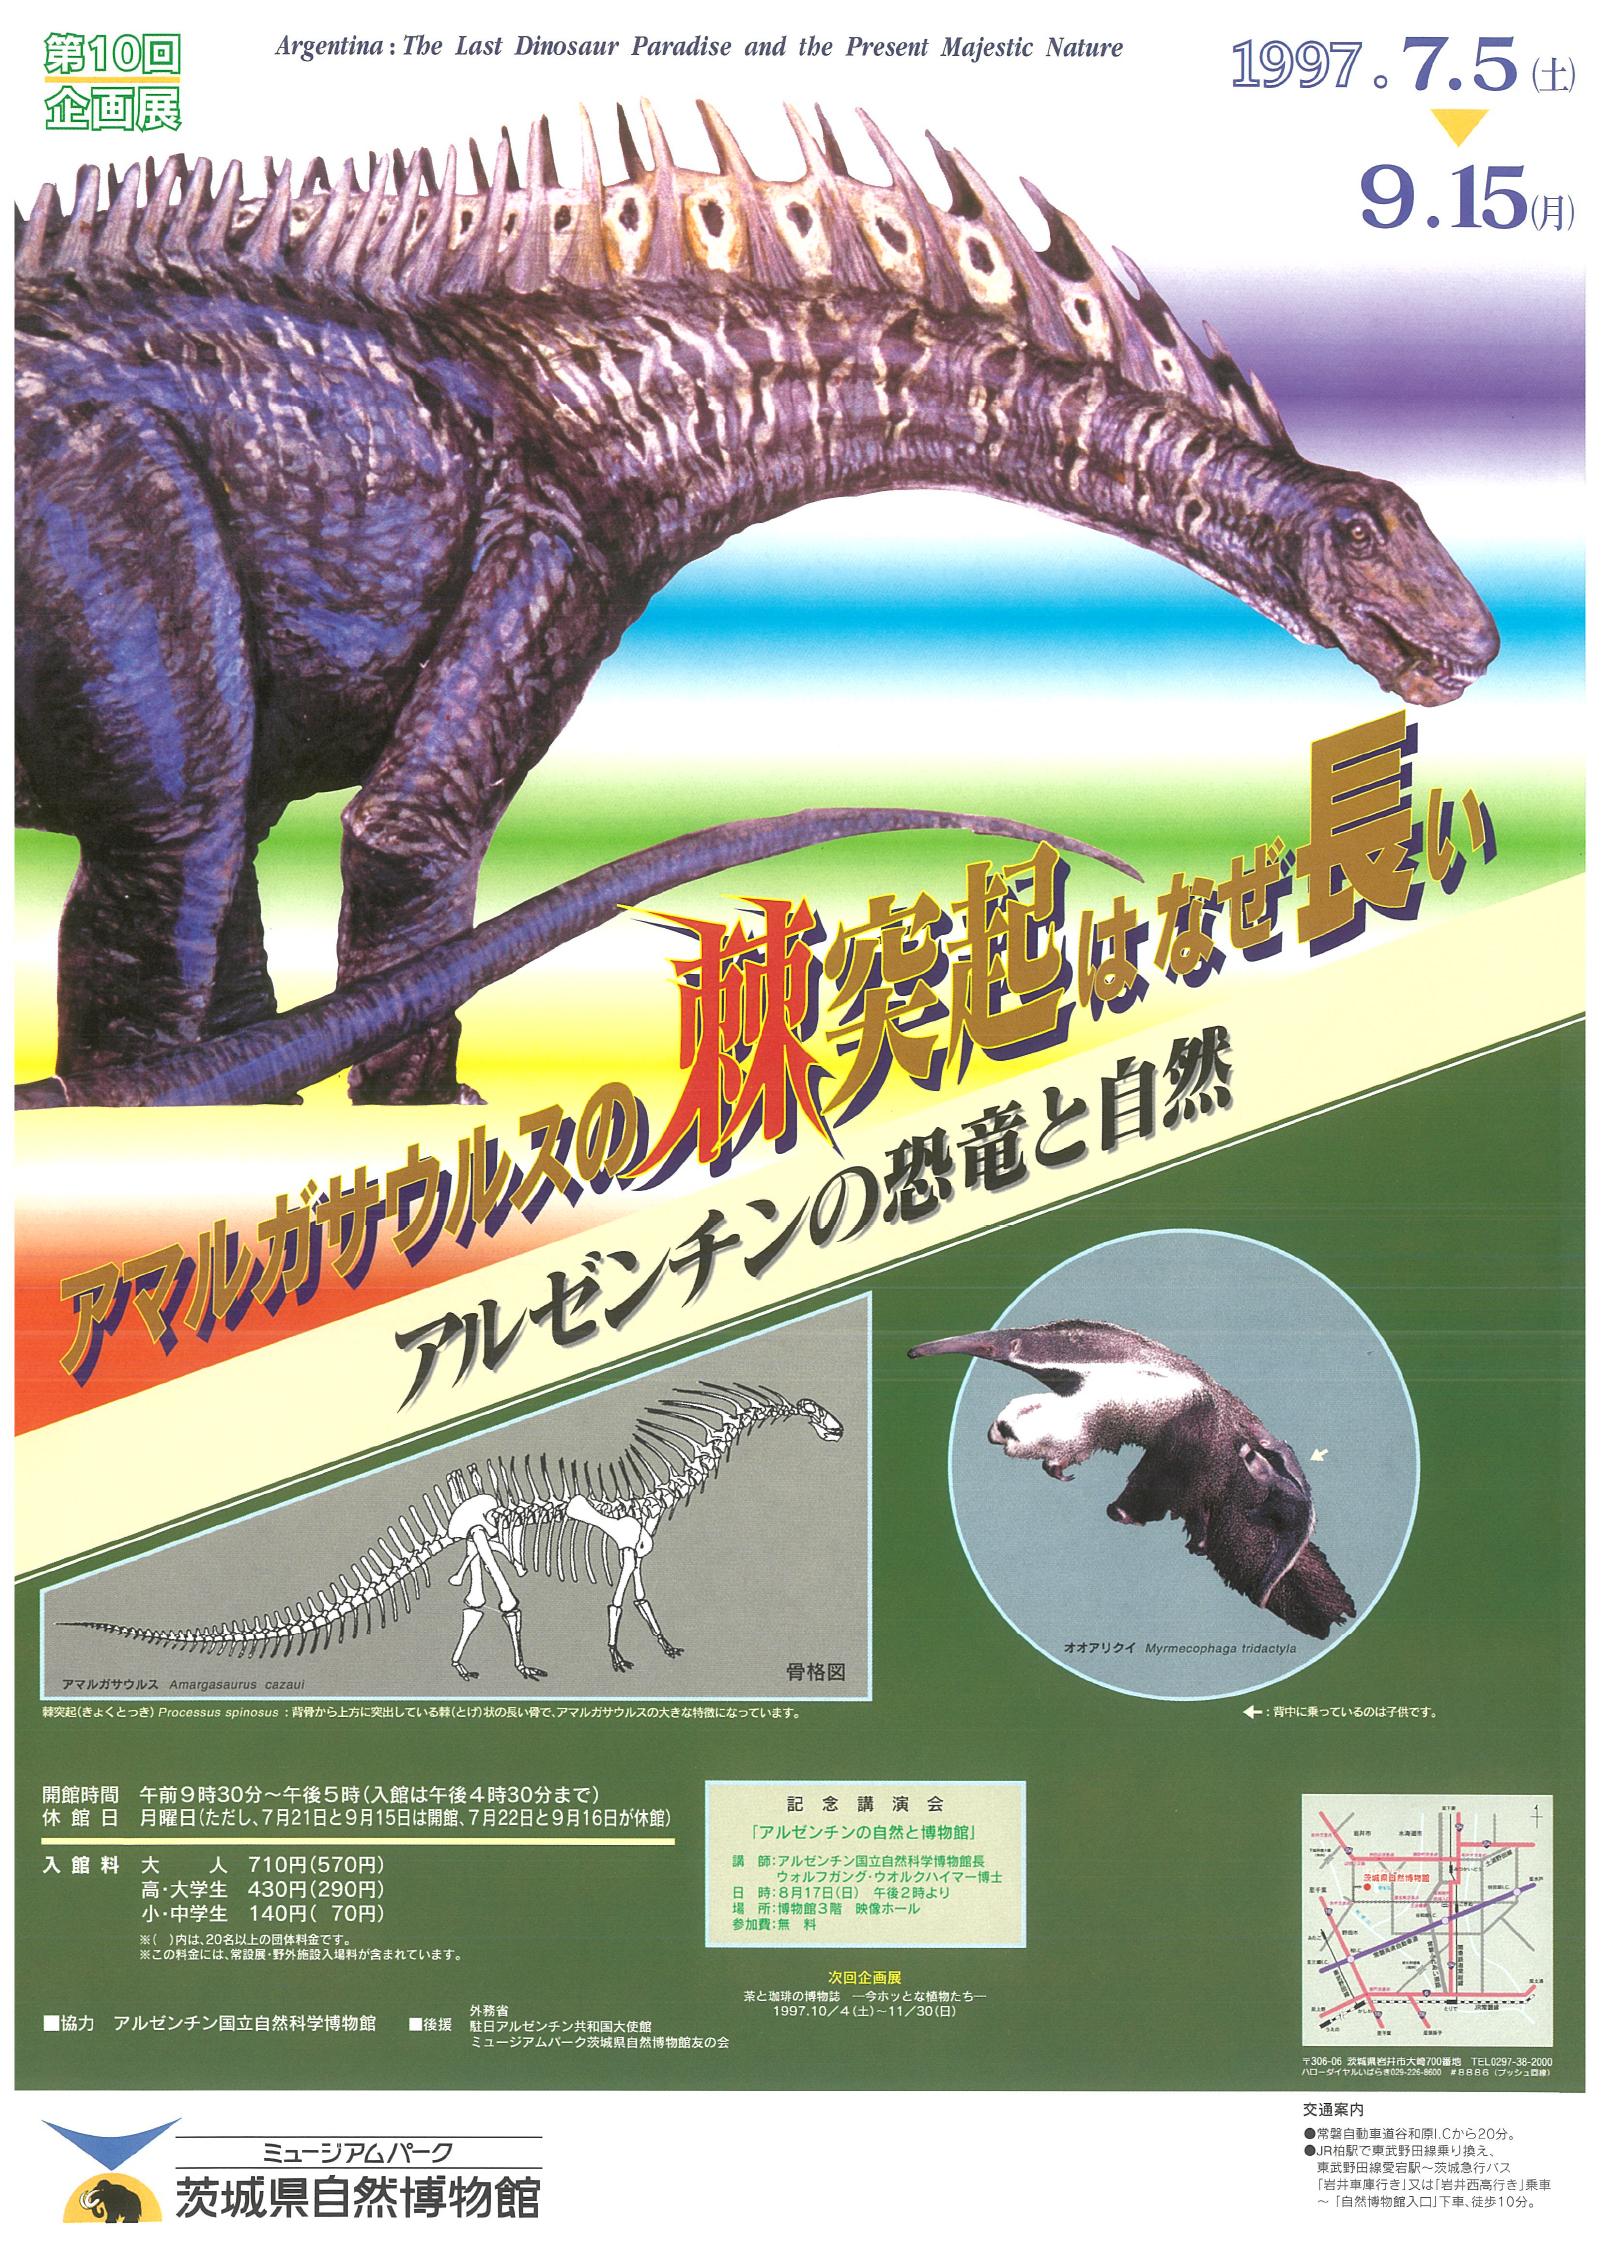 アマルガサウルスの棘突起はなぜ長い -アルゼンチンの恐竜と自然-